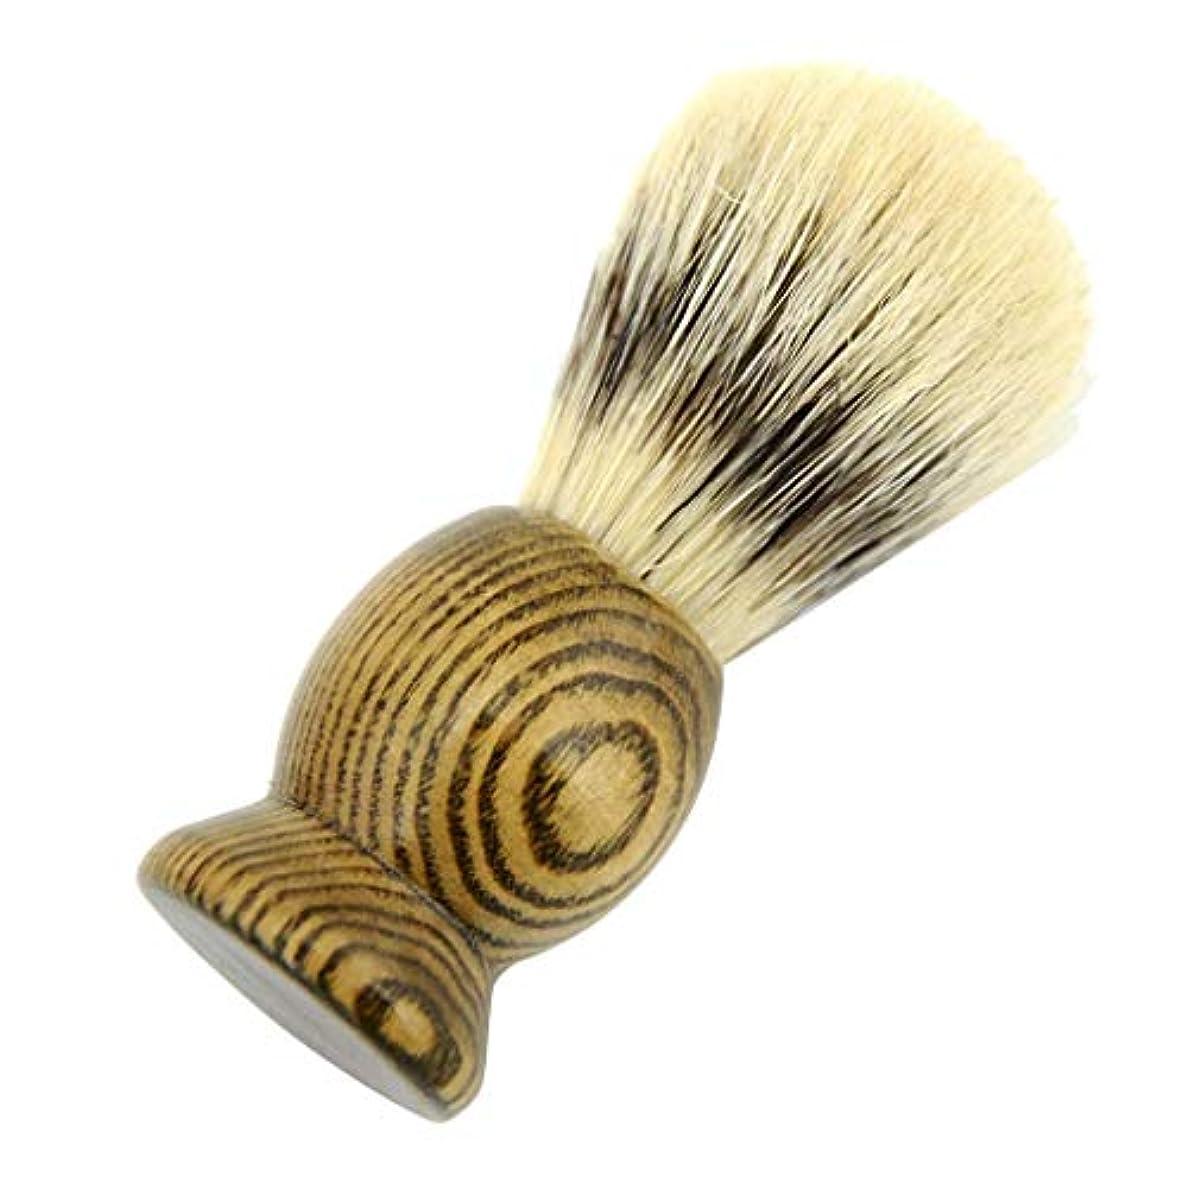 軽食接続詞チーズメンズ用 シェービング用ブラシ 理容 洗顔 髭剃り 泡立ち サロン 家庭用